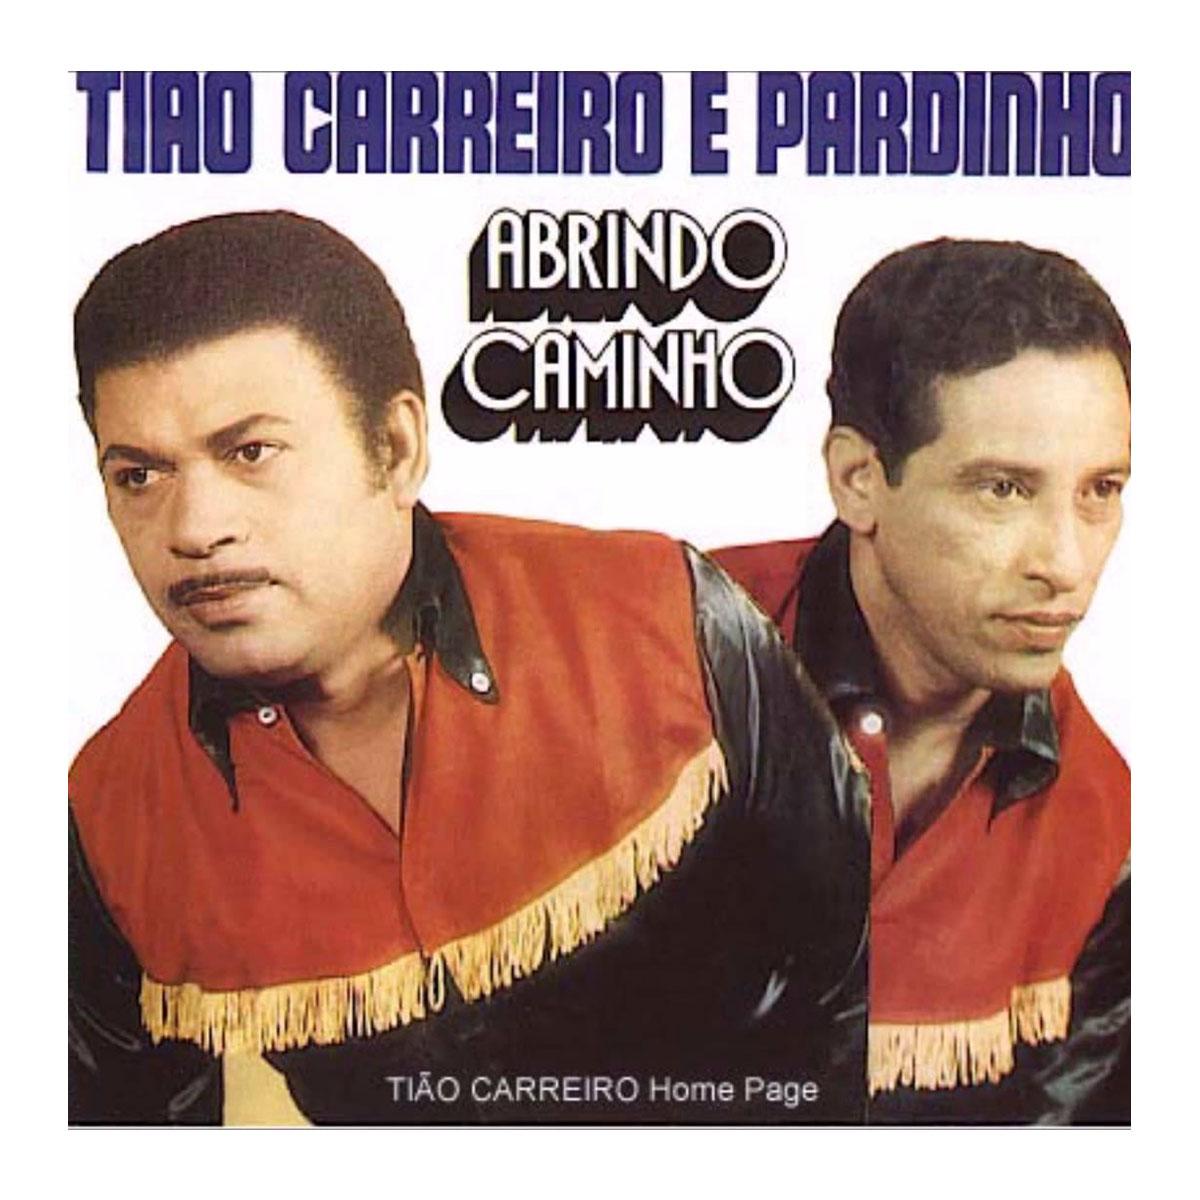 CD Ti�o Carreiro & Pardinho Abrindo Caminho